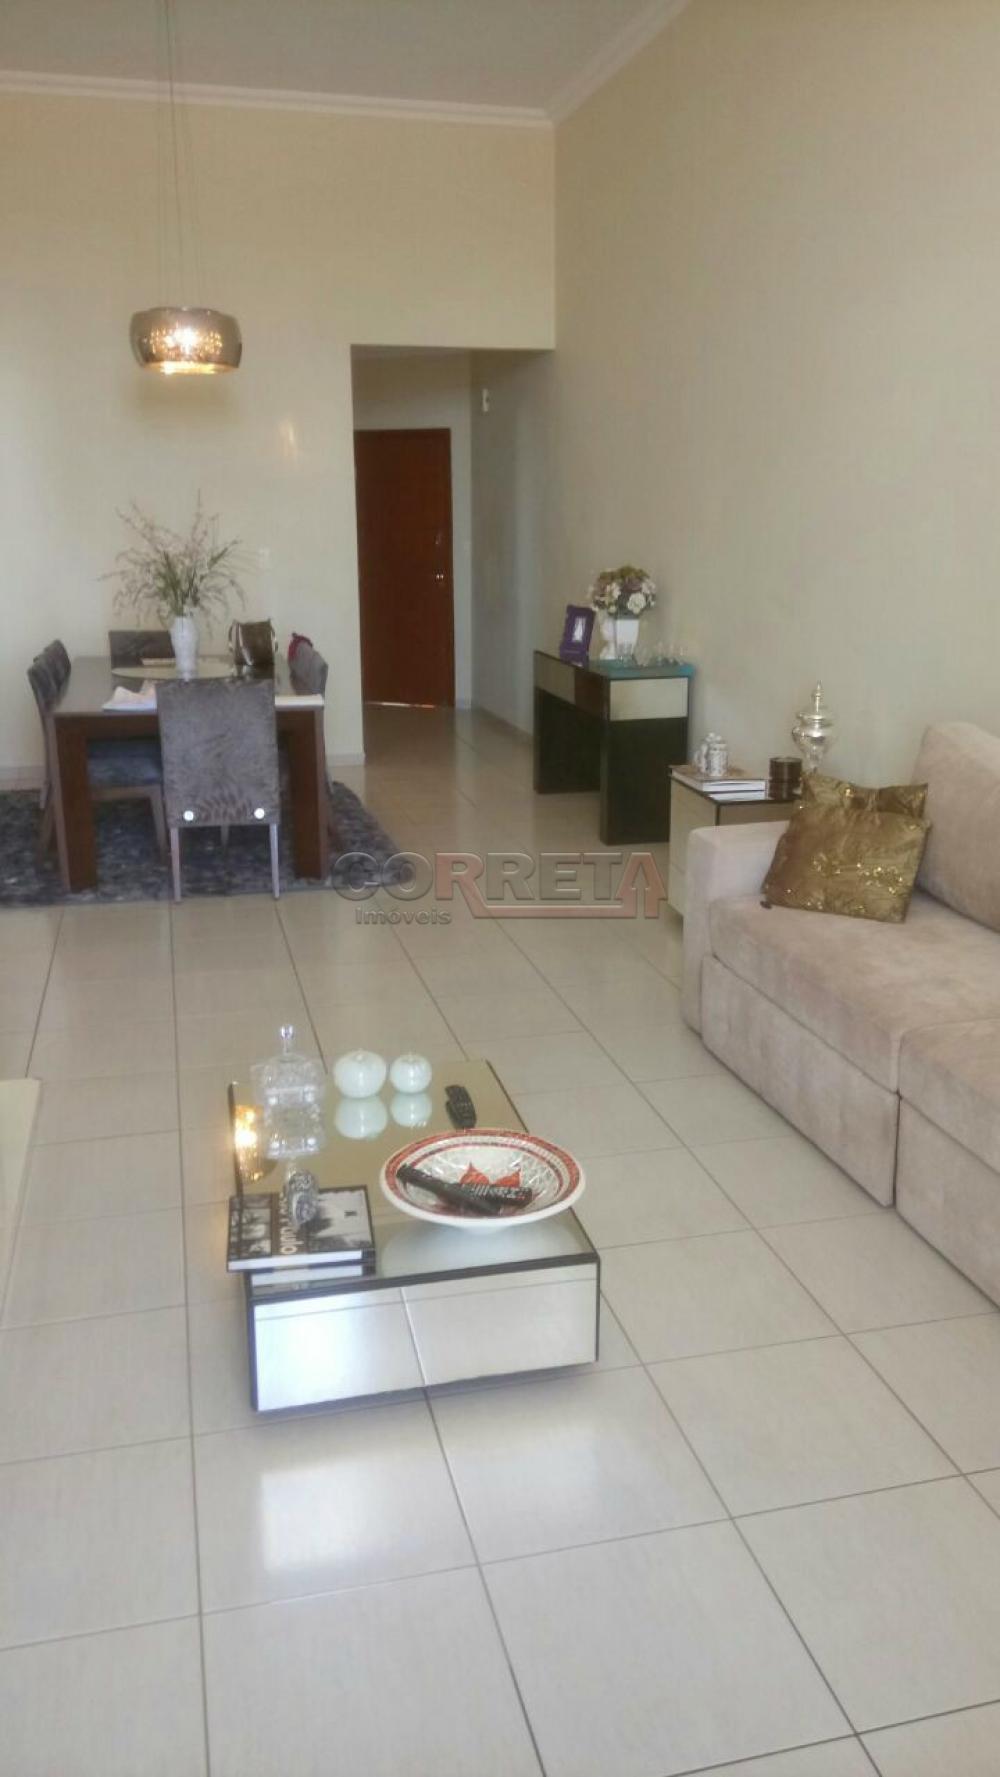 Aracatuba Apartamento Venda R$295.000,00 Condominio R$240,00 2 Dormitorios 1 Suite Area construida 114.00m2